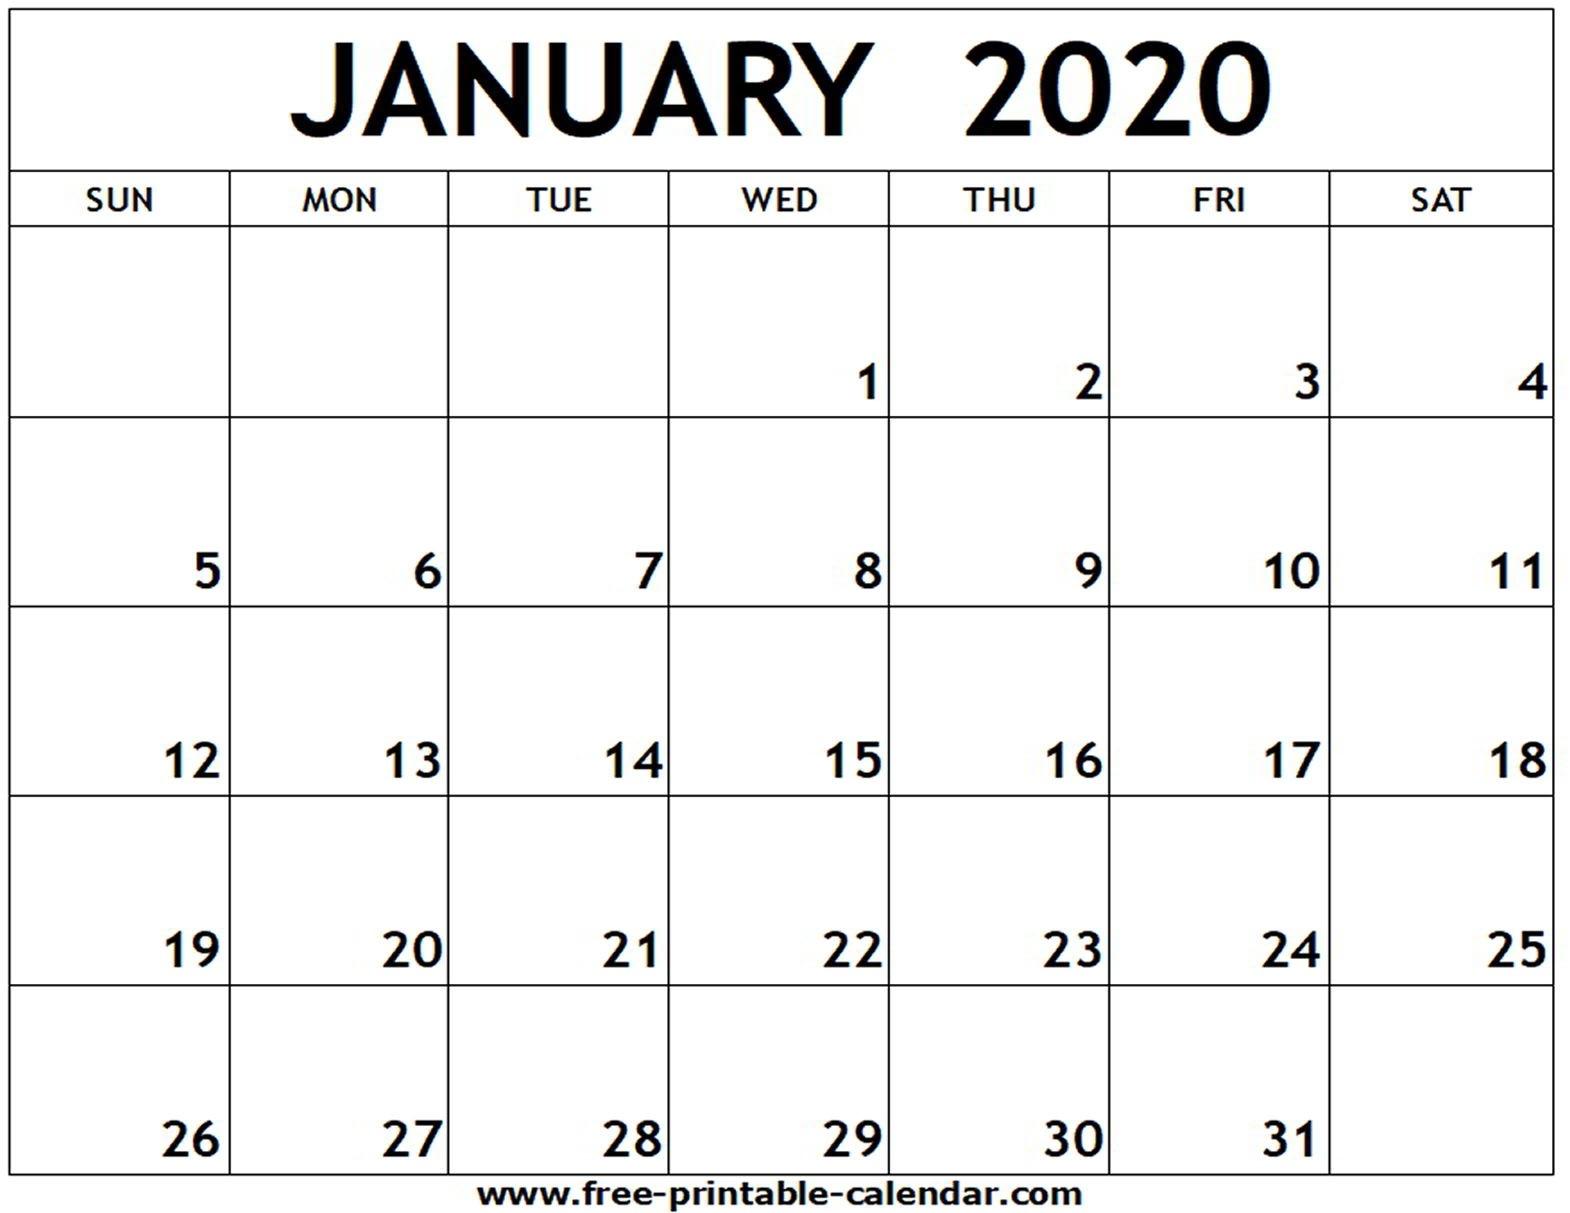 January 2020 Printable Calendar - Free-Printable-Calendar-January 2020 Fillable Calendar